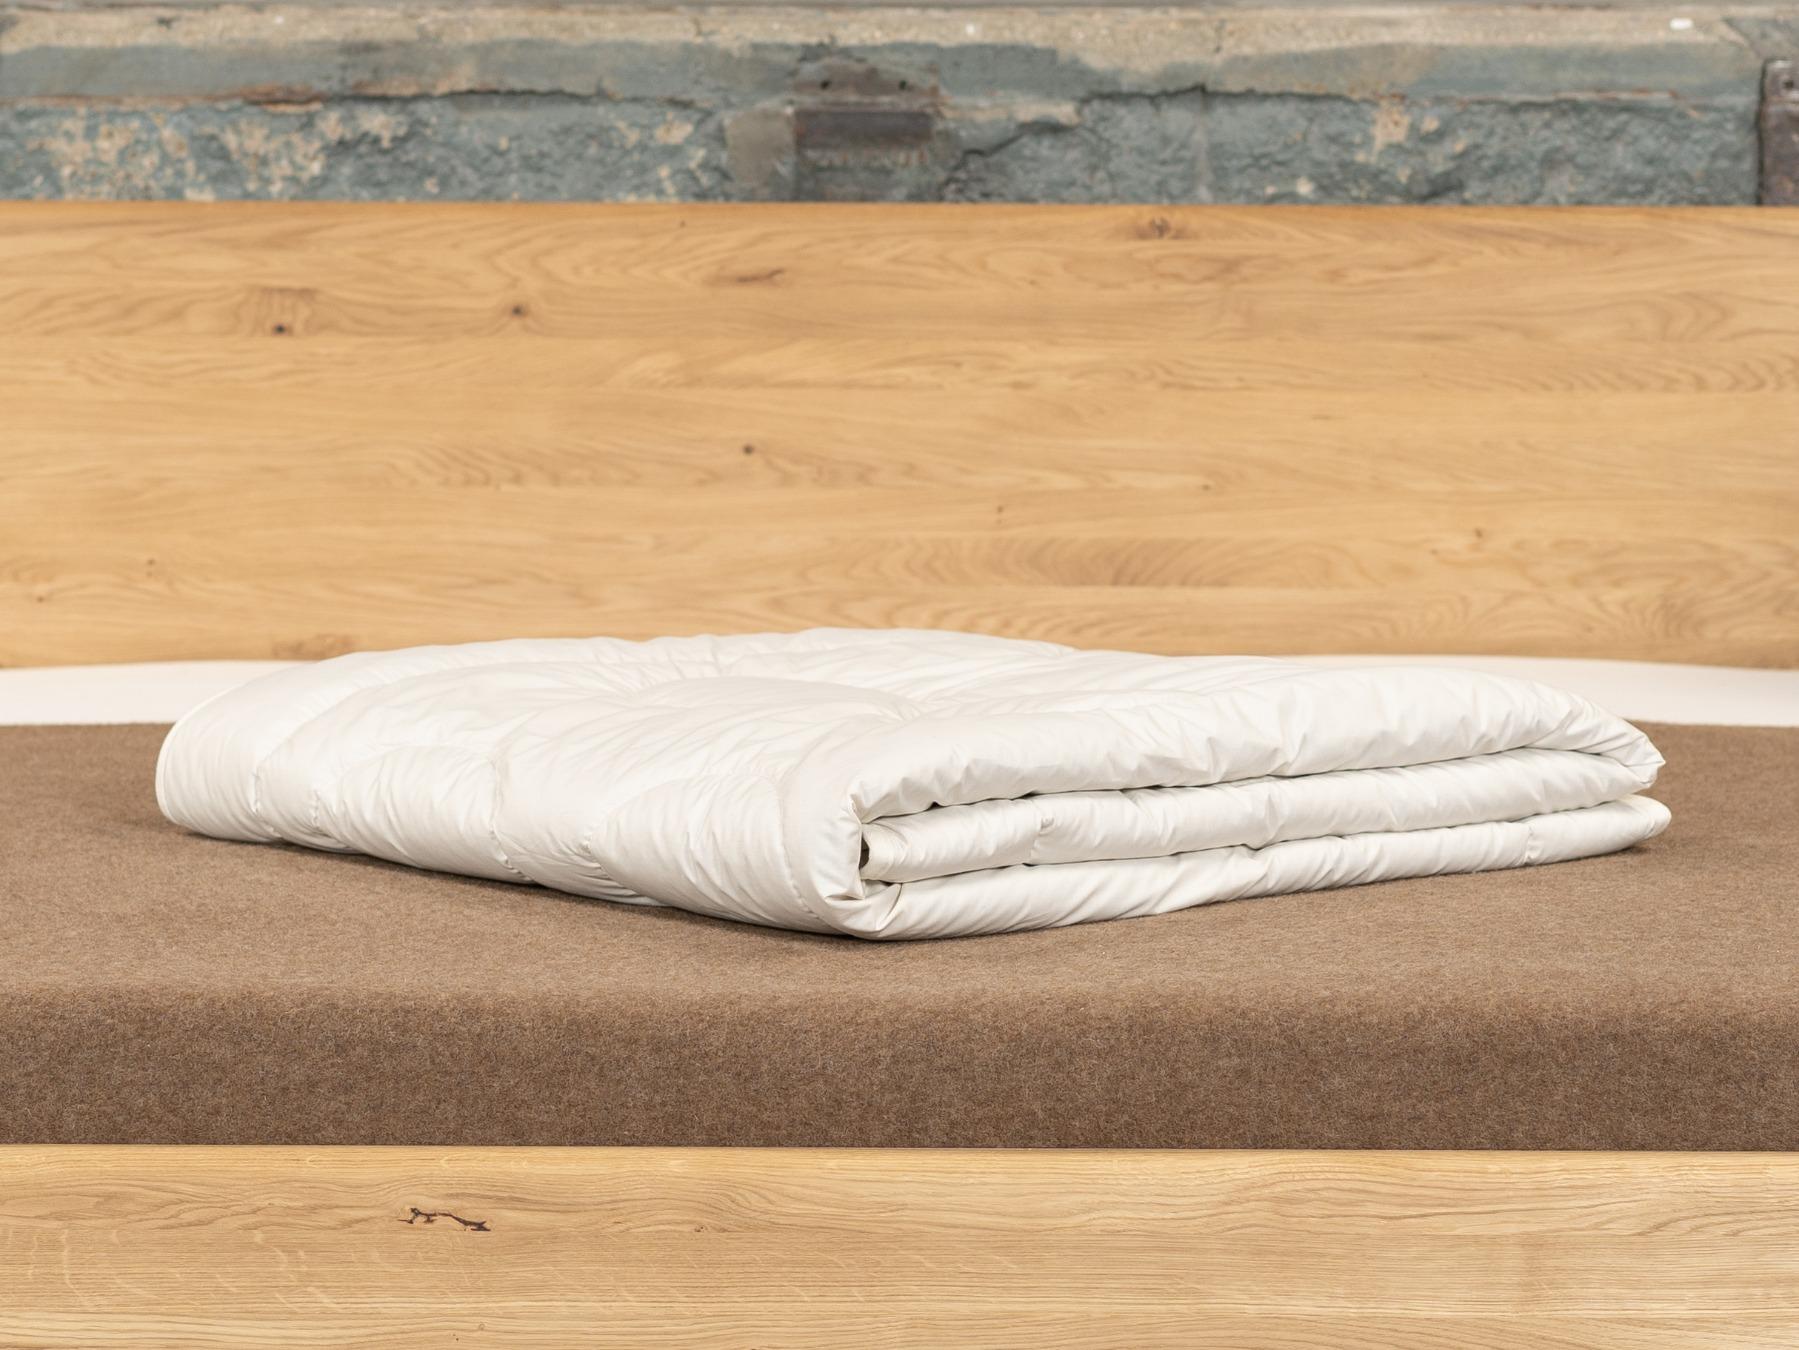 Die atmungsaktive Sommerbettdecke ist der perfekte leichte Überwurf für den Sommer.